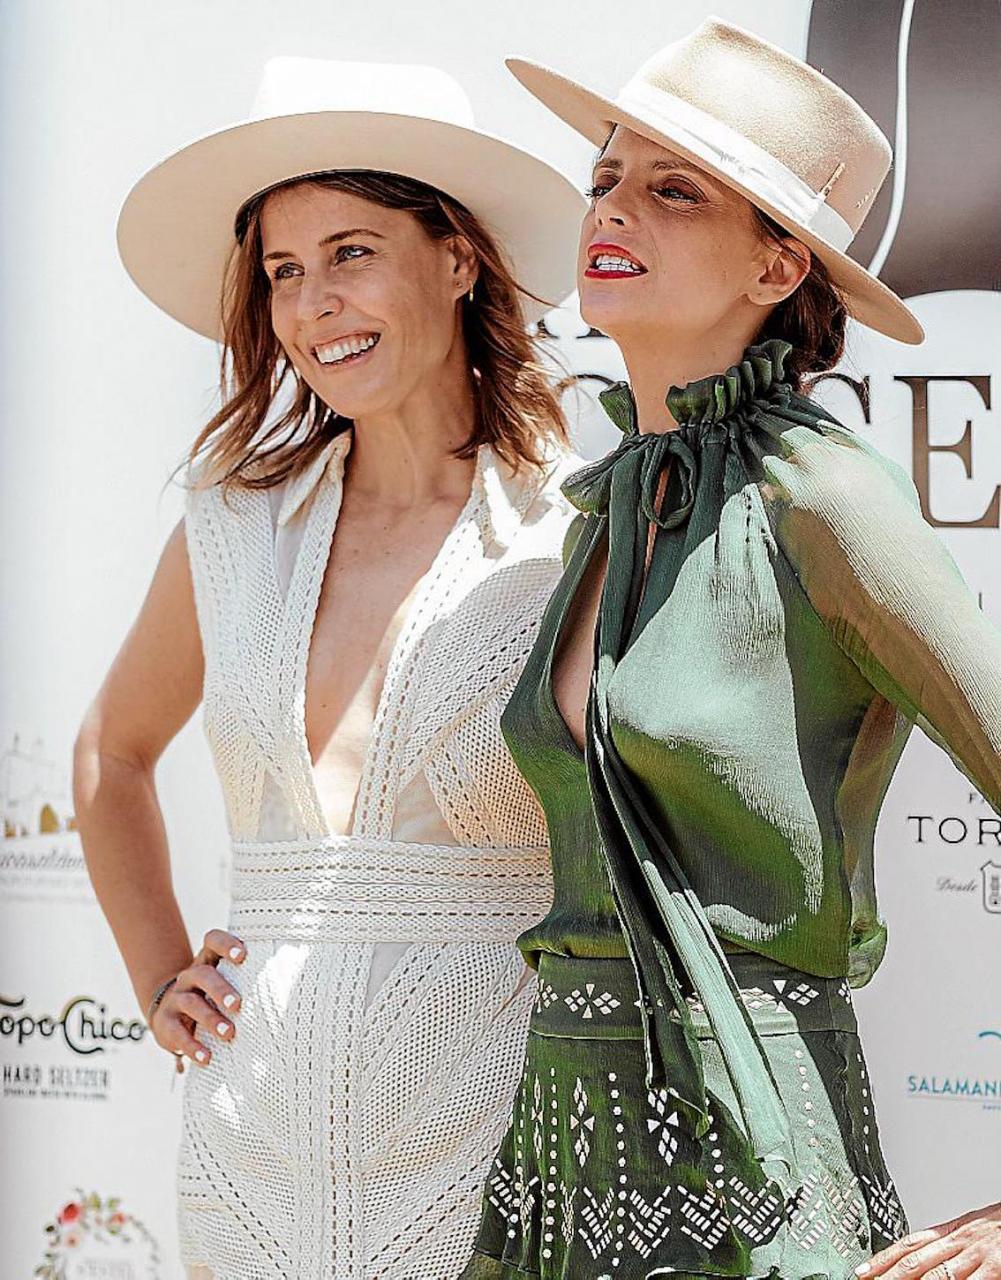 Ruth Llopis & Macarena Gómez at Hats & Horses in Minorca.